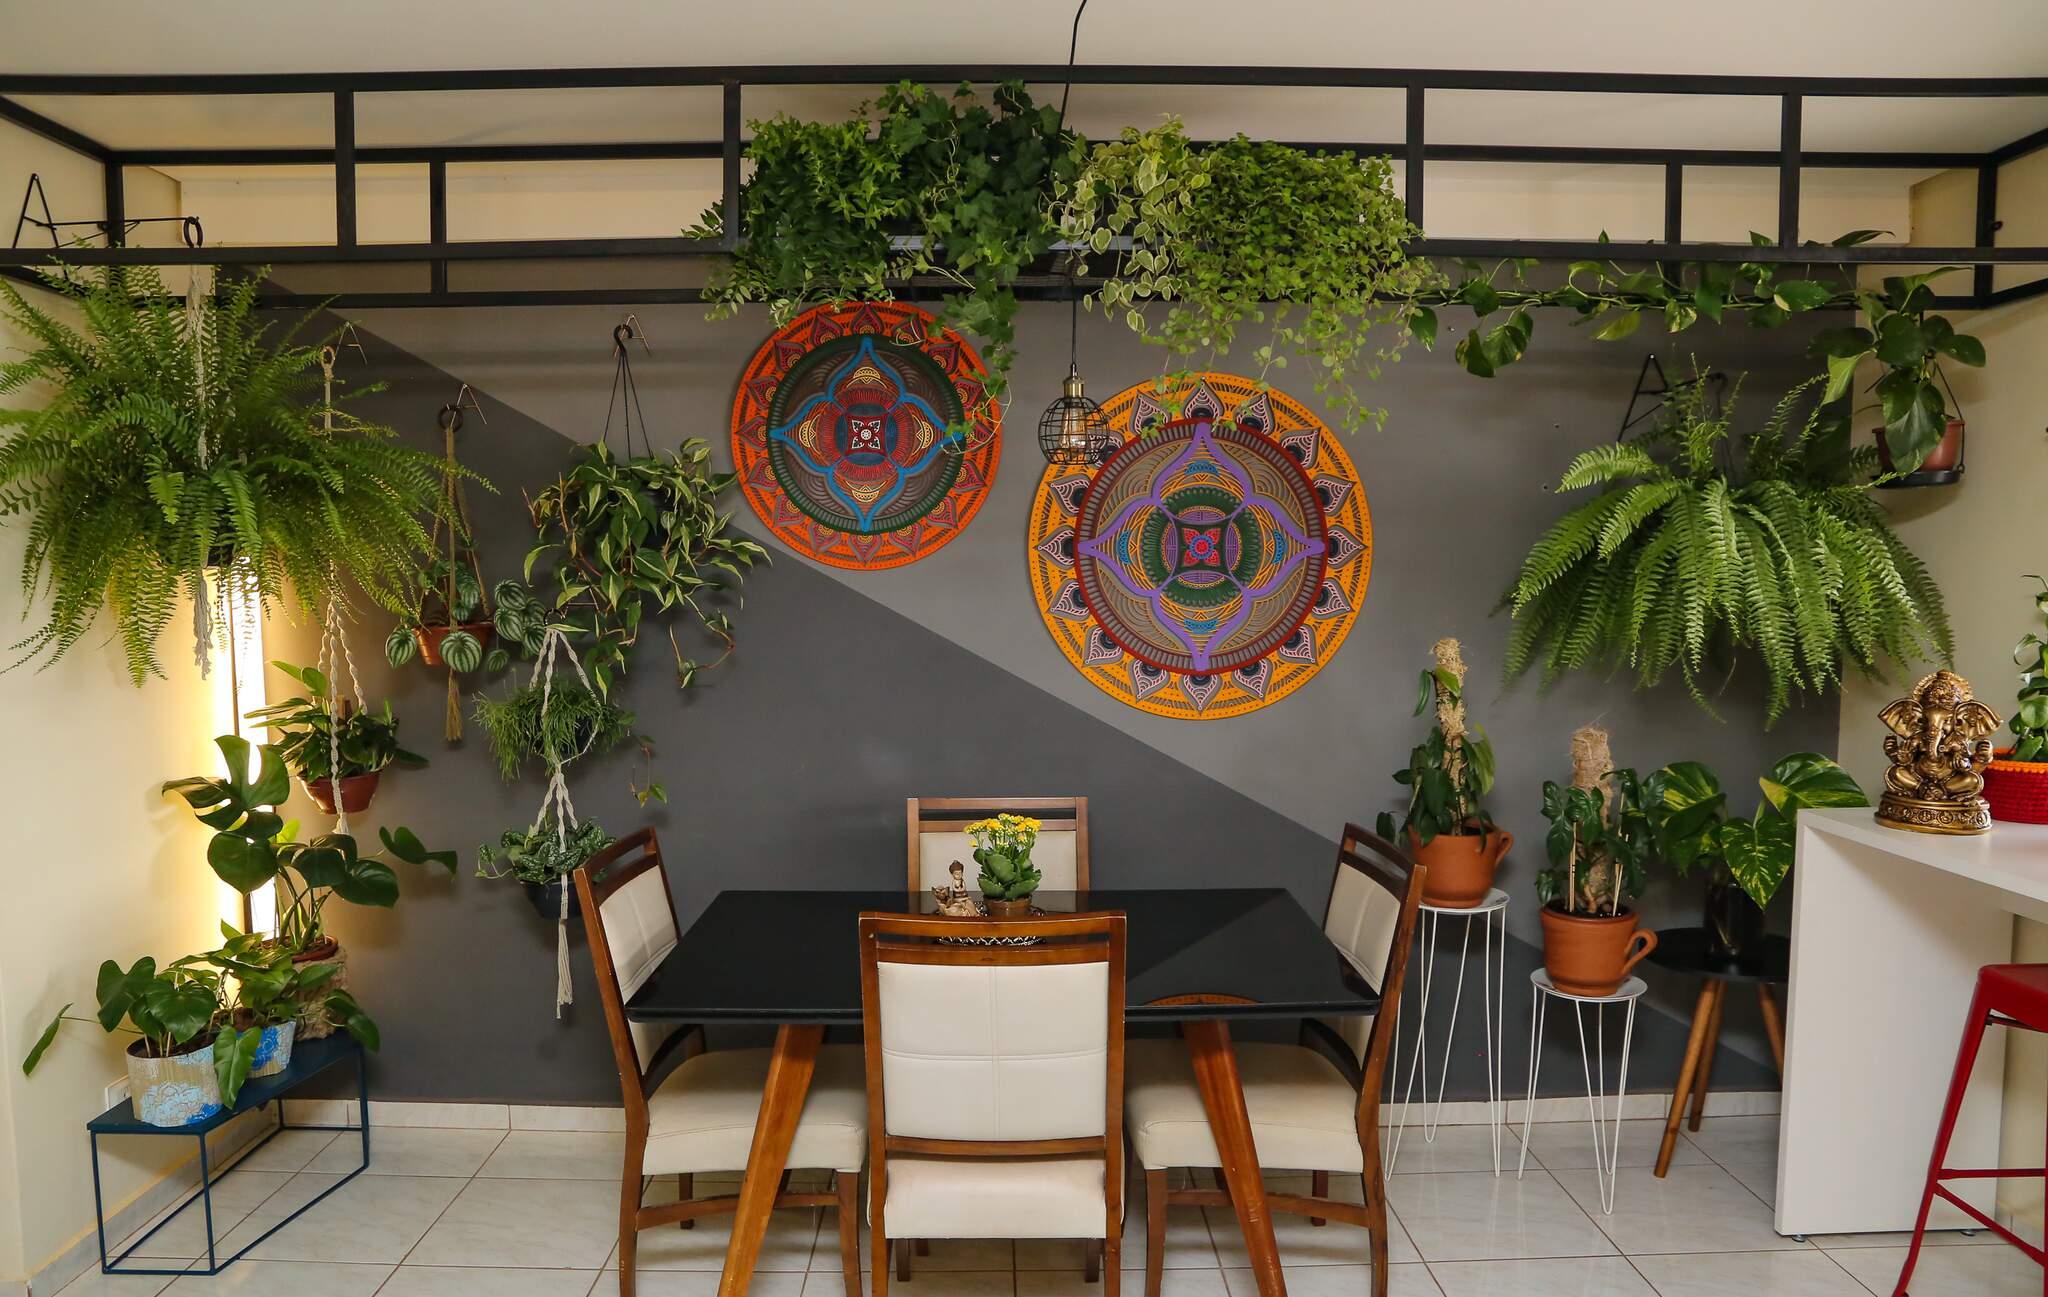 Saulo levou o verde para dentro de casa em harmonia com estilo industrial. (Foto: Kísie Ainoã)